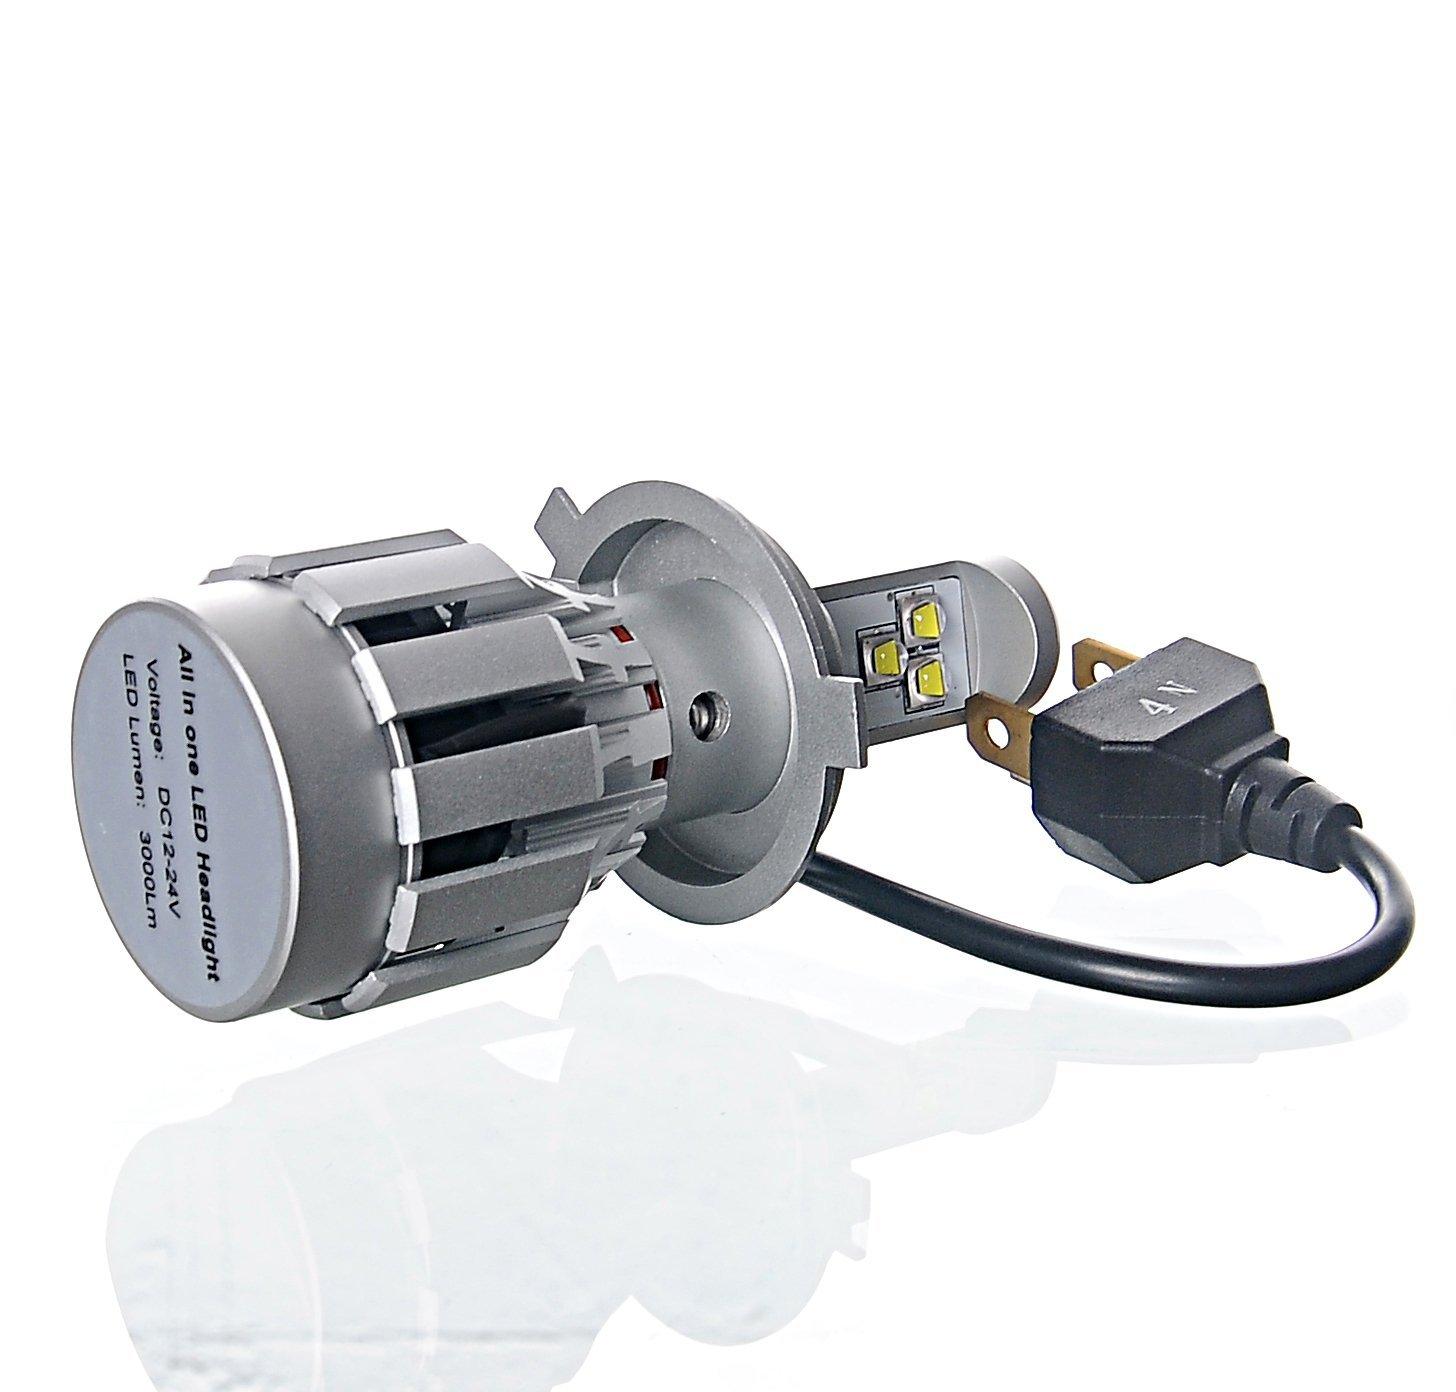 Amazon.com: Super brillante LED Faro H4 Kit de conversión, 80W 2000LM 8000K viruta del Cree Led faros, Todo en Uno Reemplaza halógenas y HID Bombillas, ...